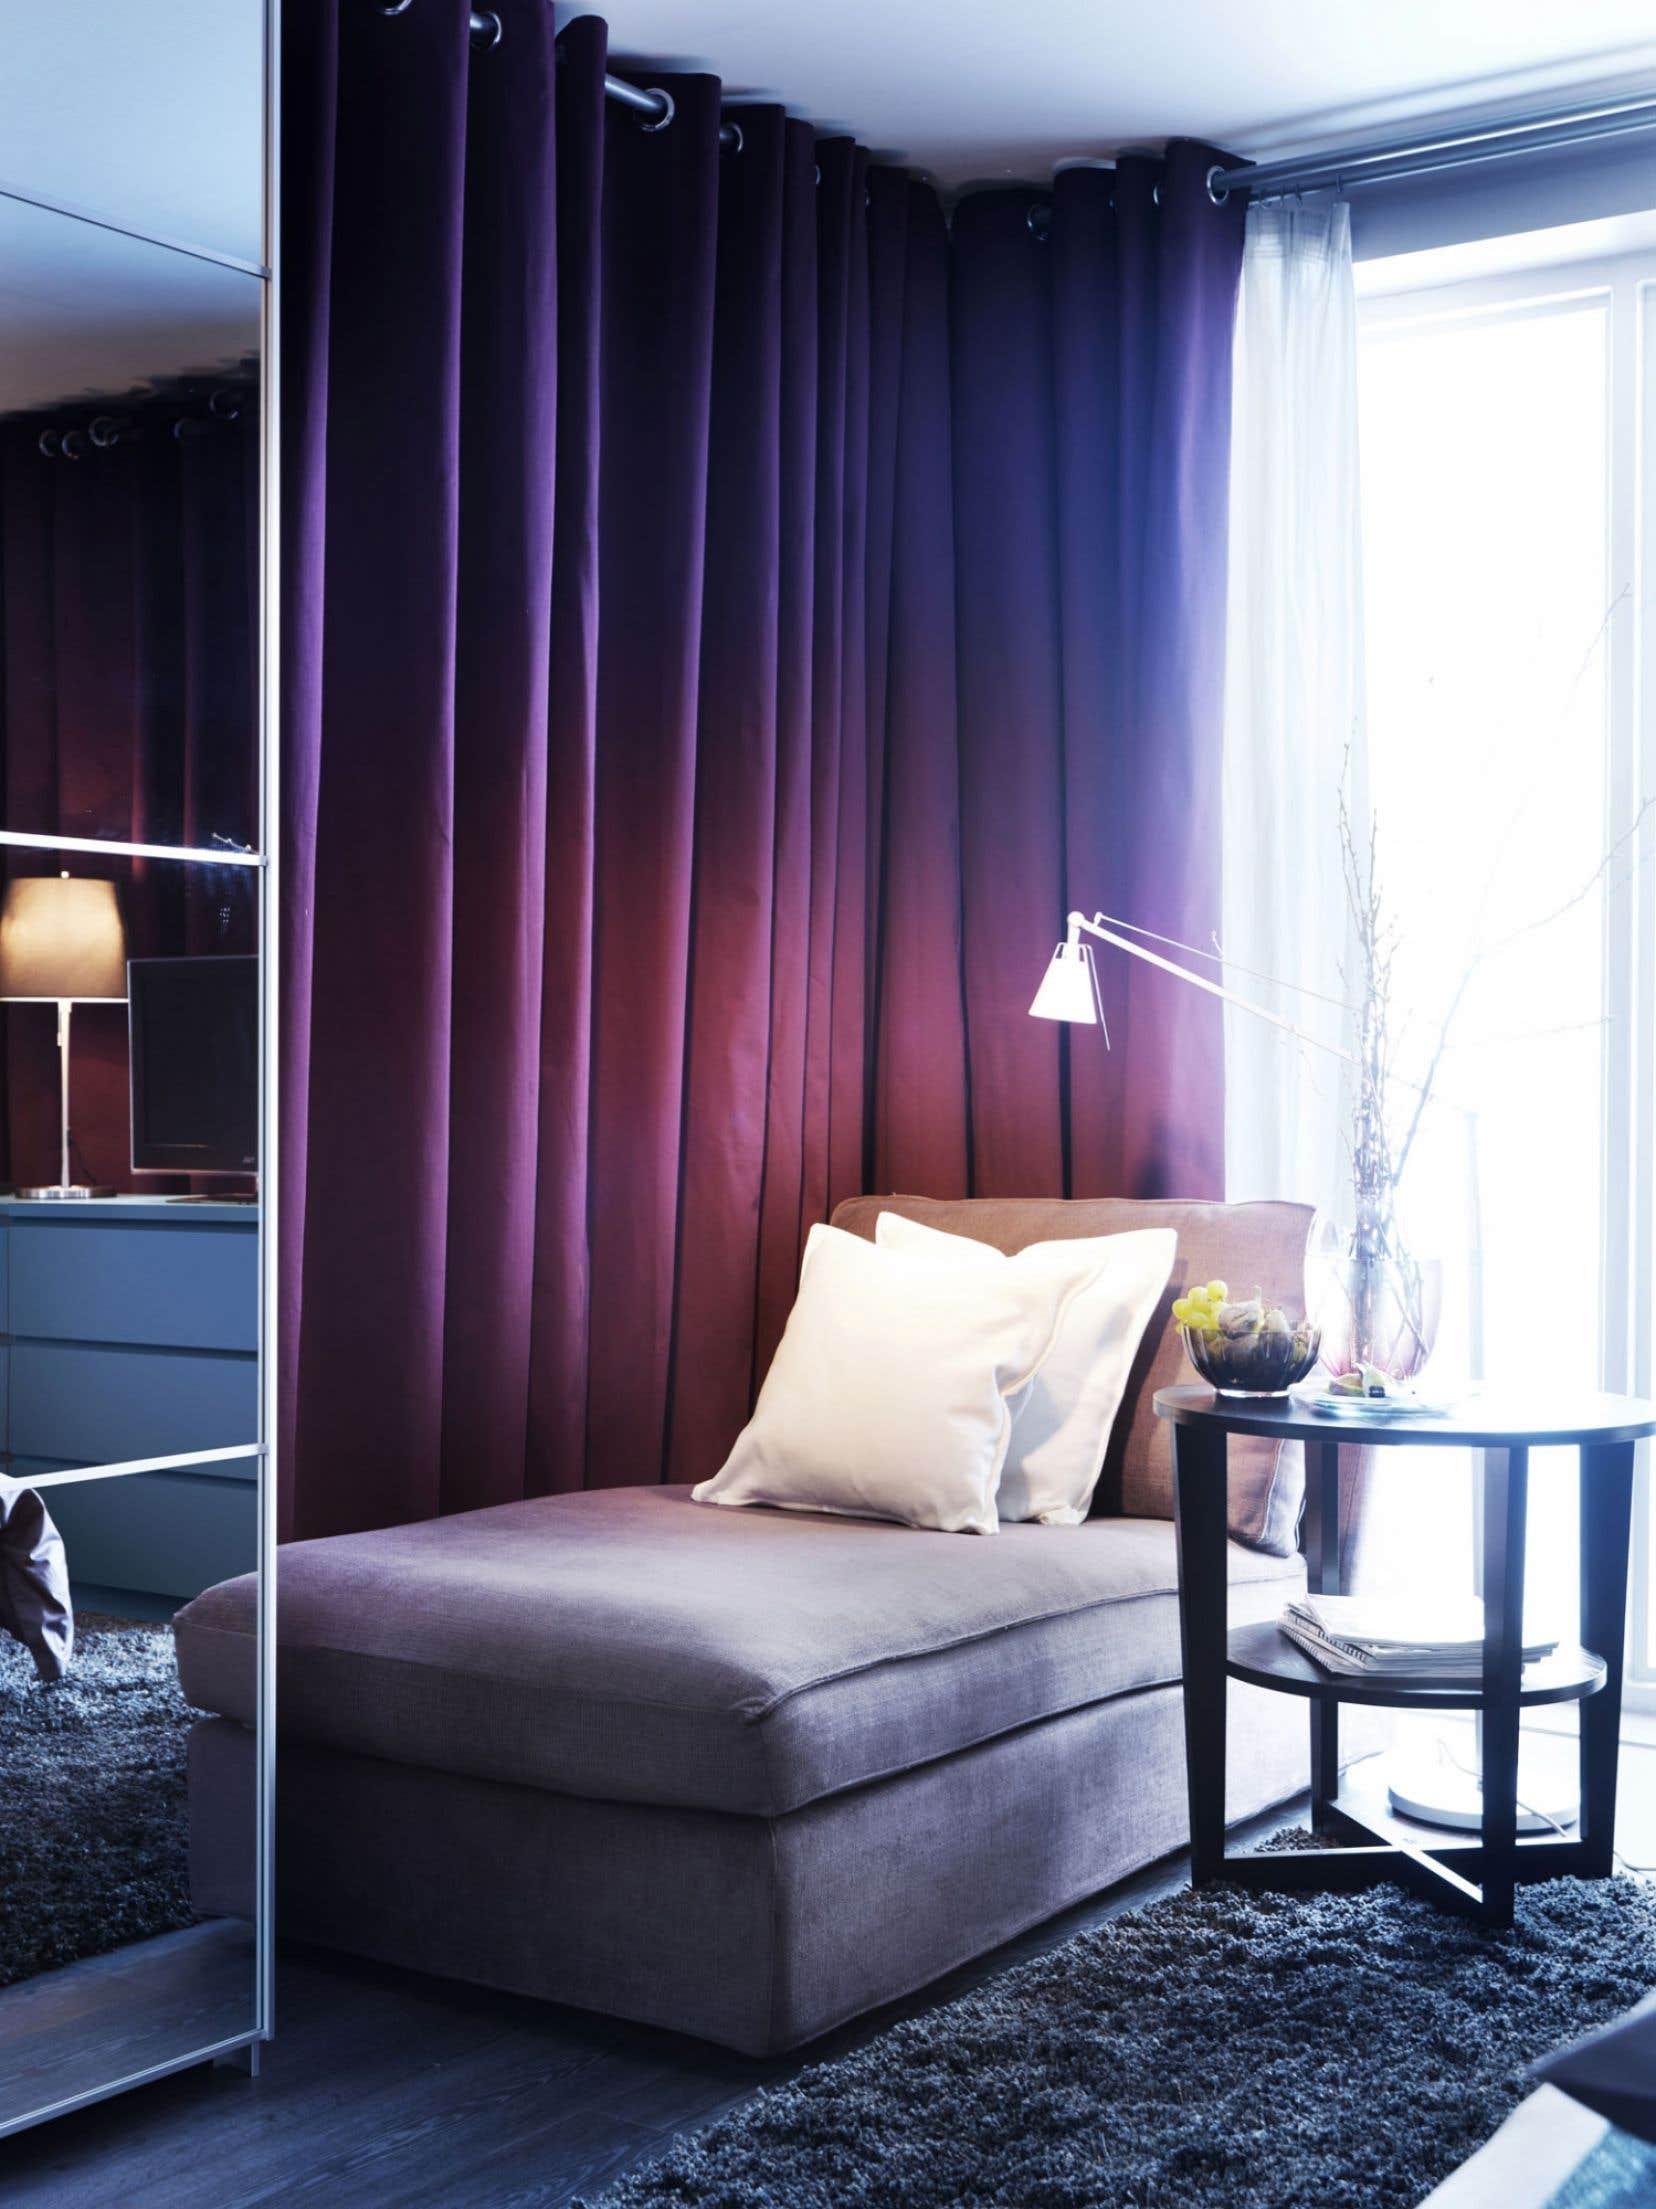 Avant de faire son choix annuel, Pantone sonde l'influence des couleurs dans le monde à travers la culture populaire, le monde de la mode et même les destinations de voyage.